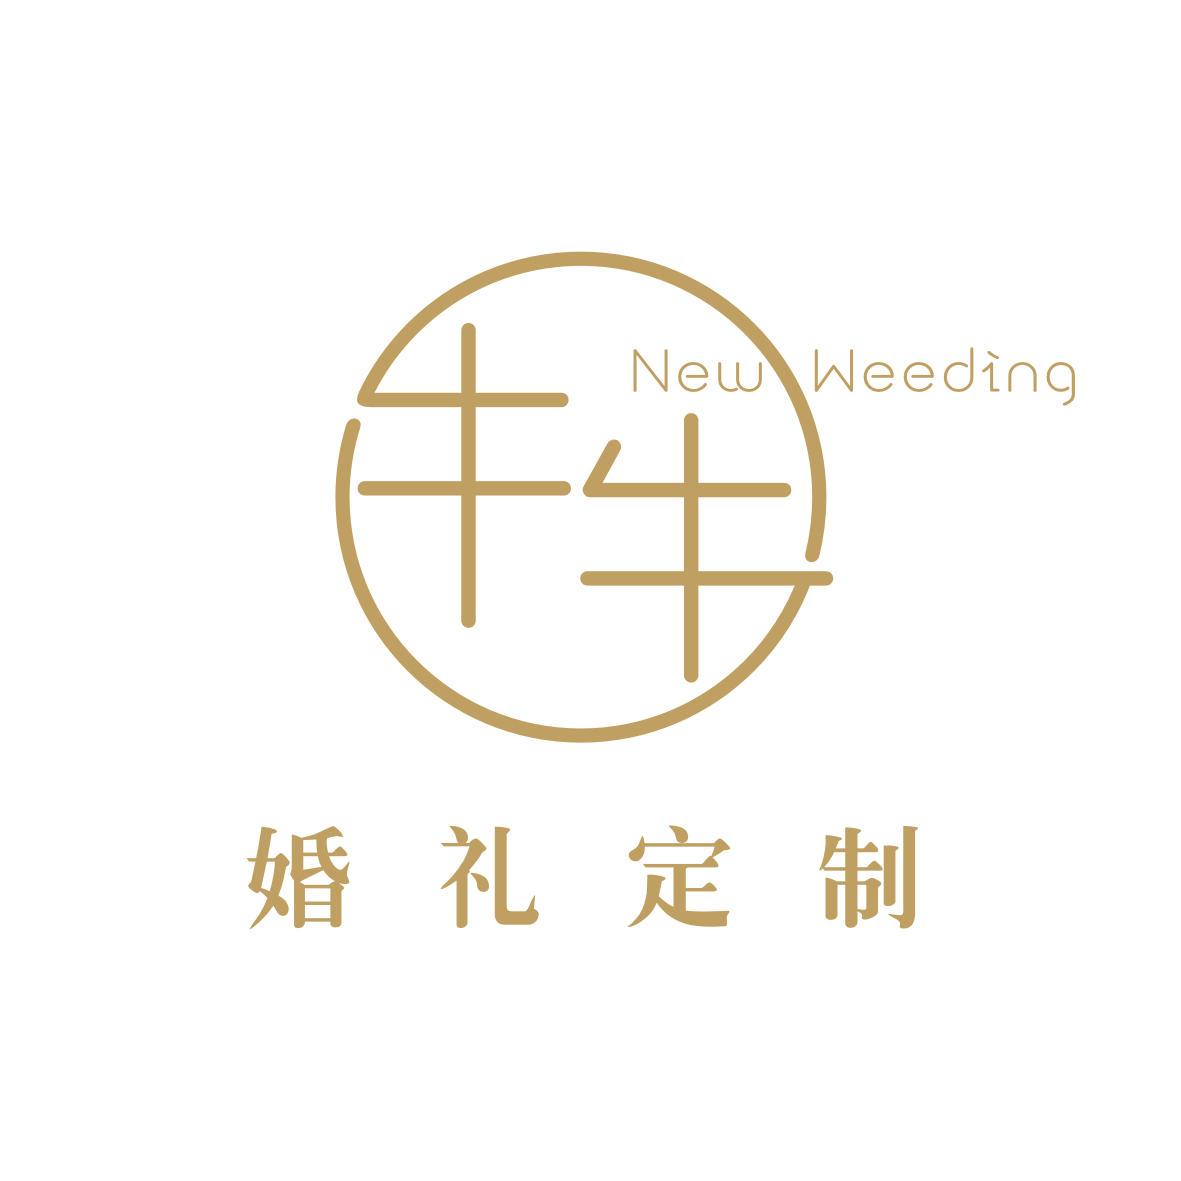 牛牛NewWedding婚礼定制